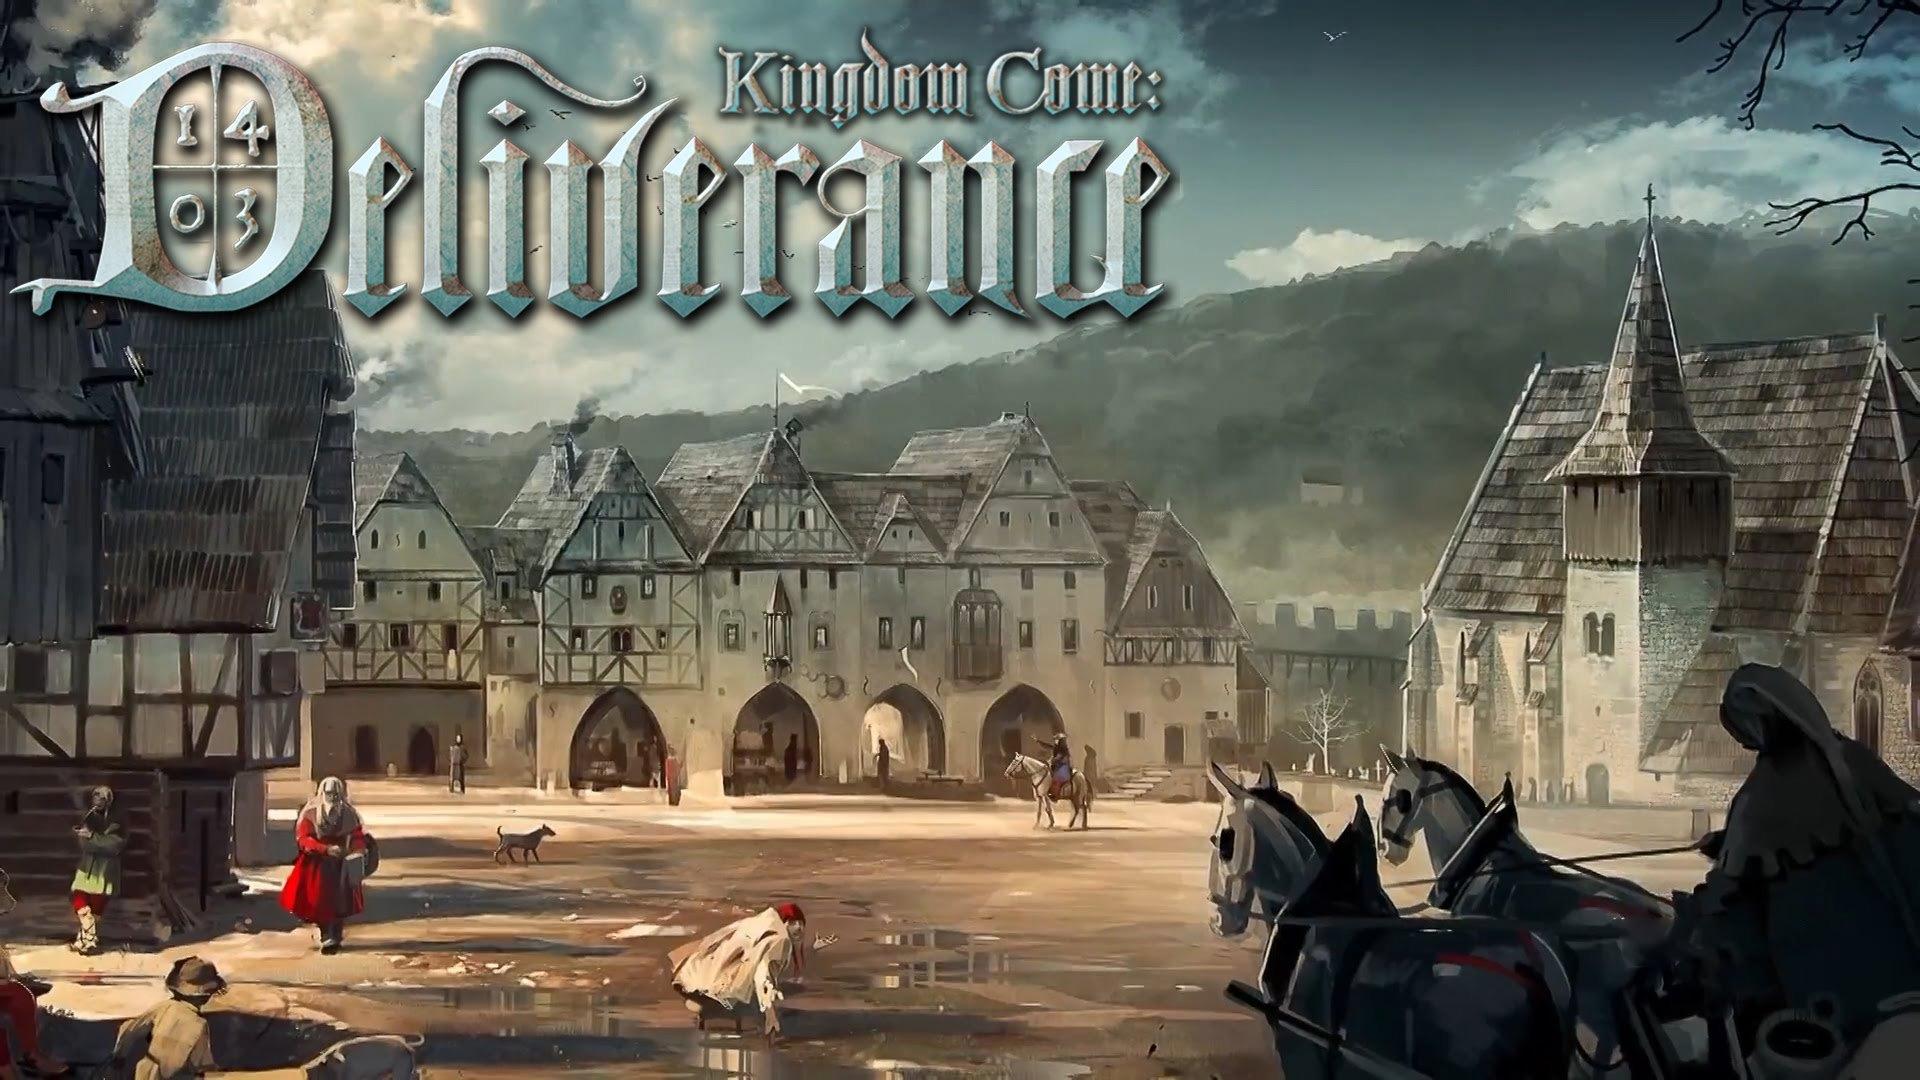 Kingdom Come Deliverance Background 1920x1080